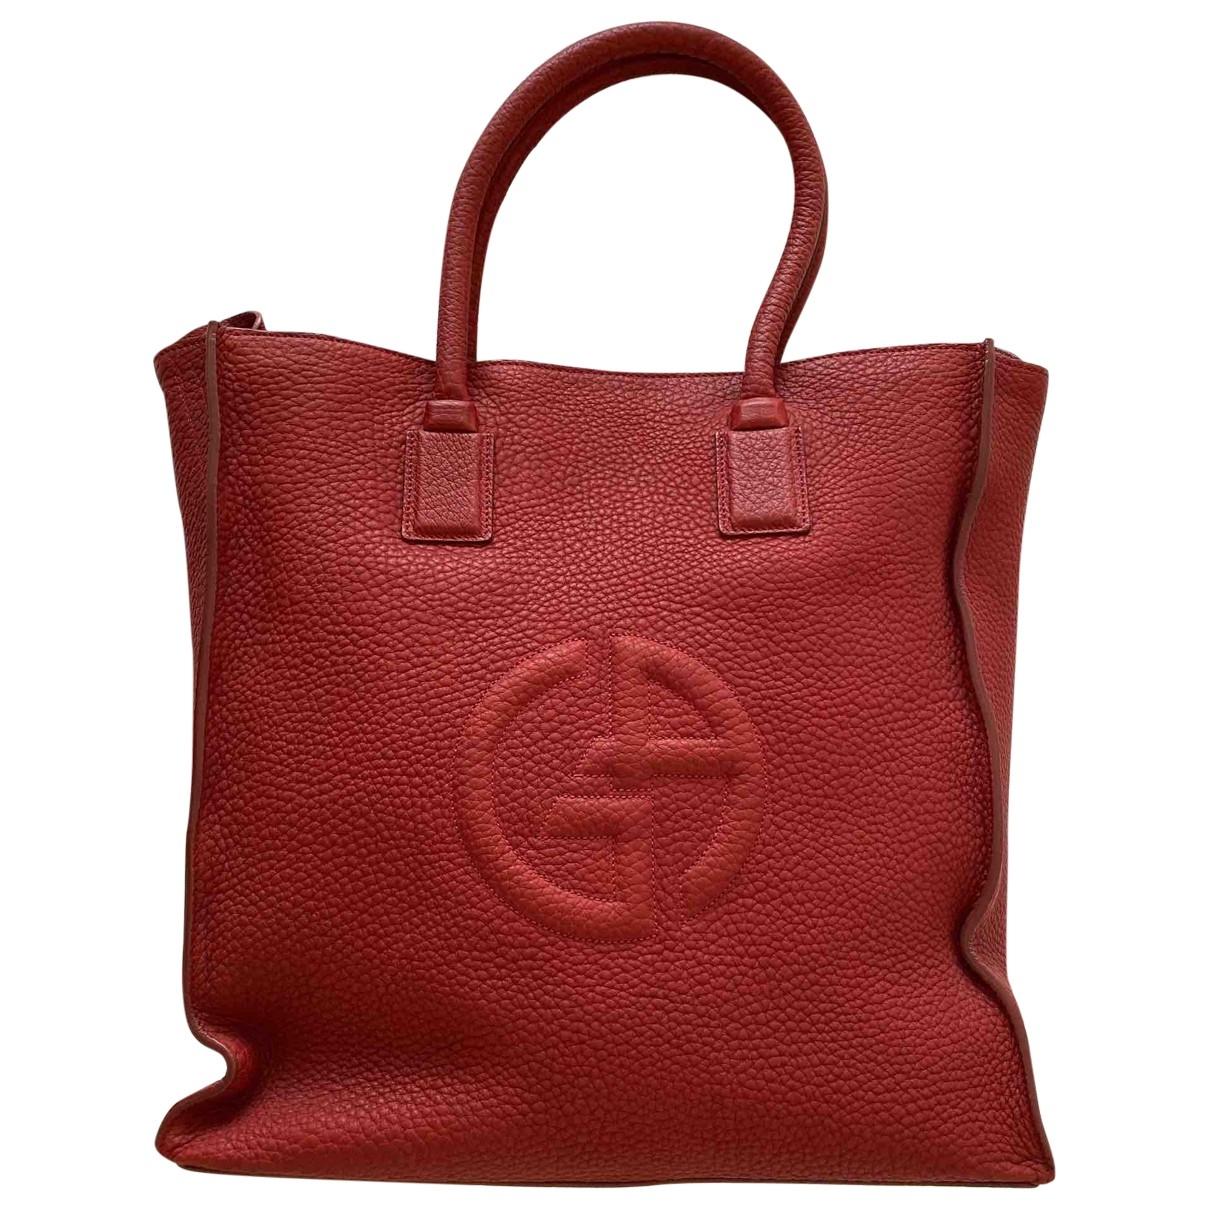 Giorgio Armani - Sac a main   pour femme en cuir - rouge